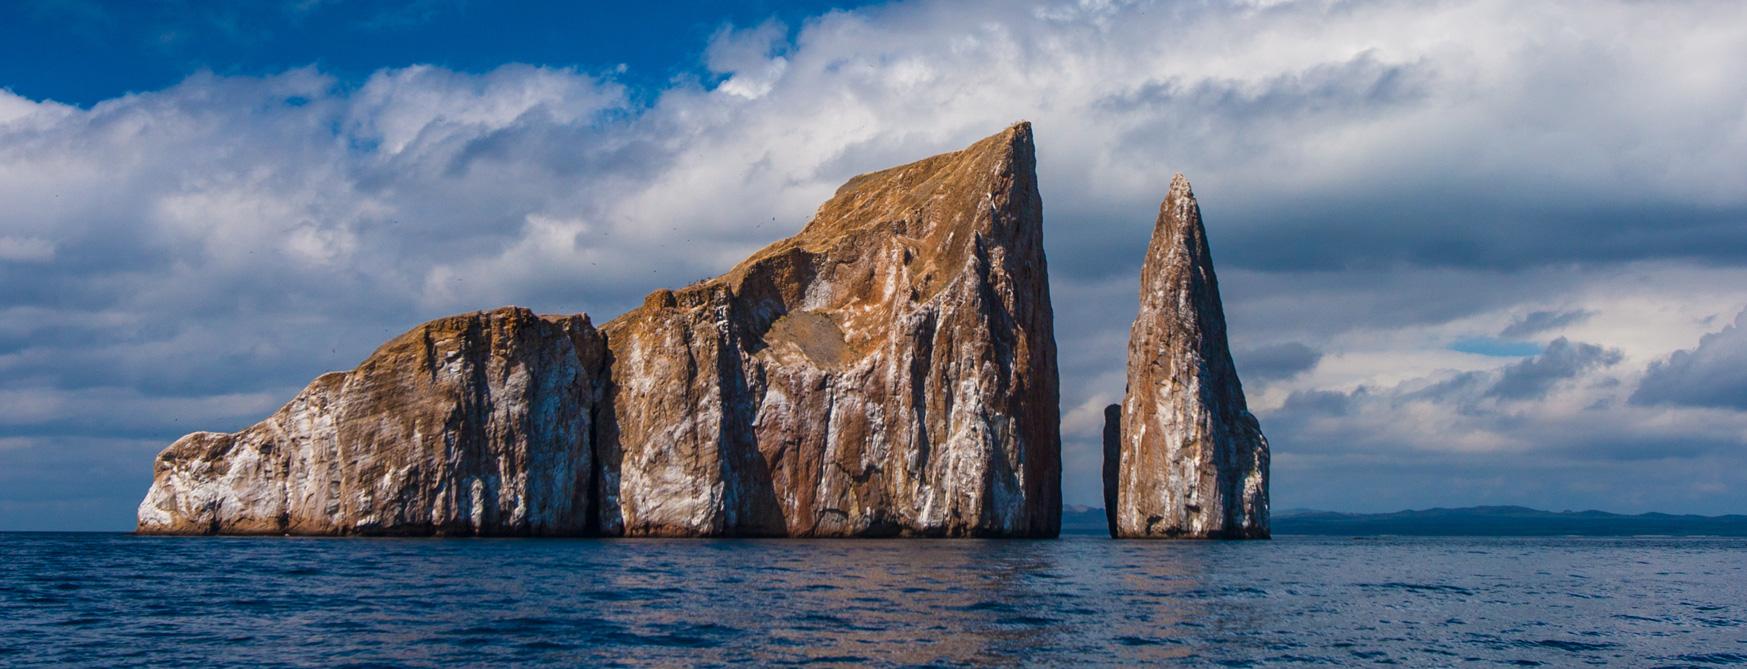 Islote Galapagos